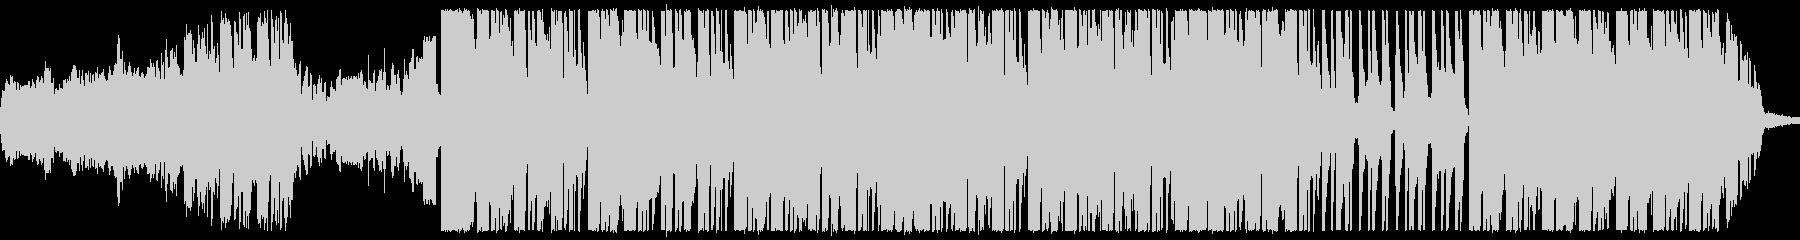 エスニック。東部オリエンタルの未再生の波形